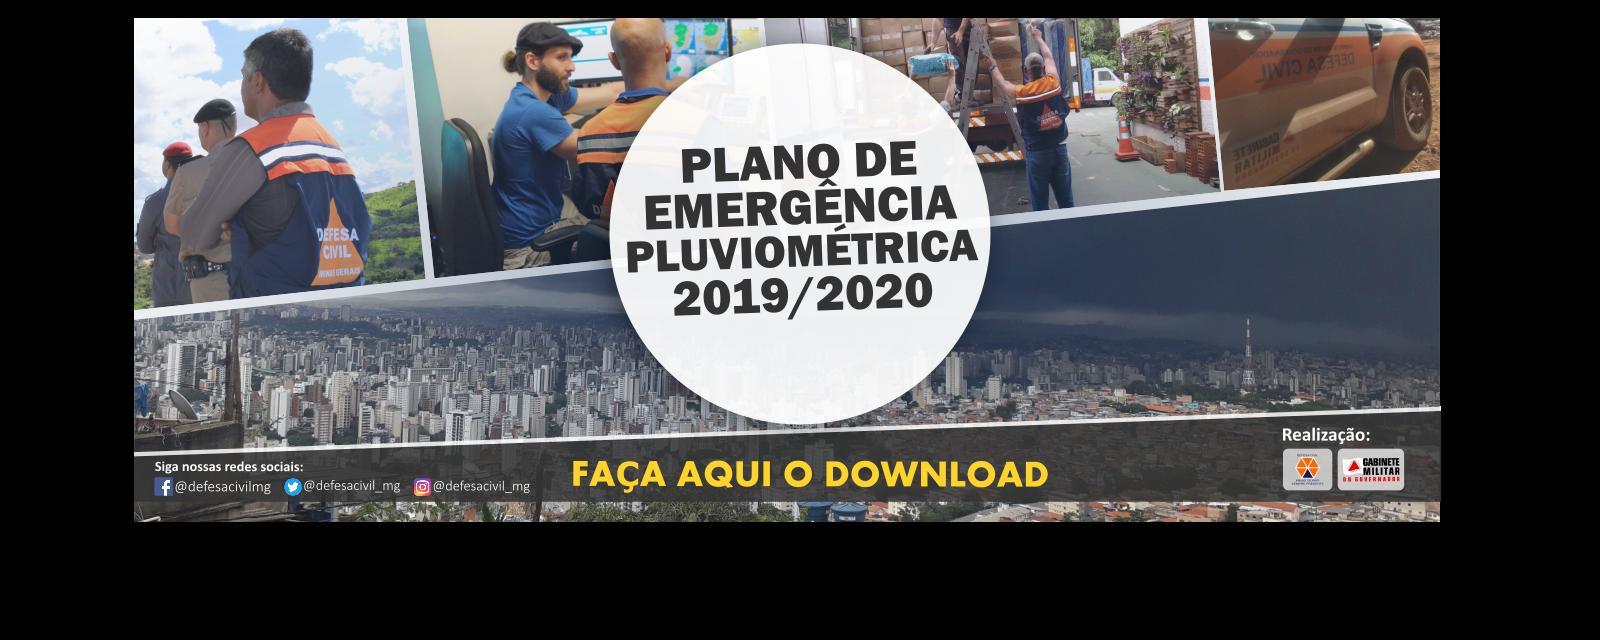 Plano Pluviométrico 2019